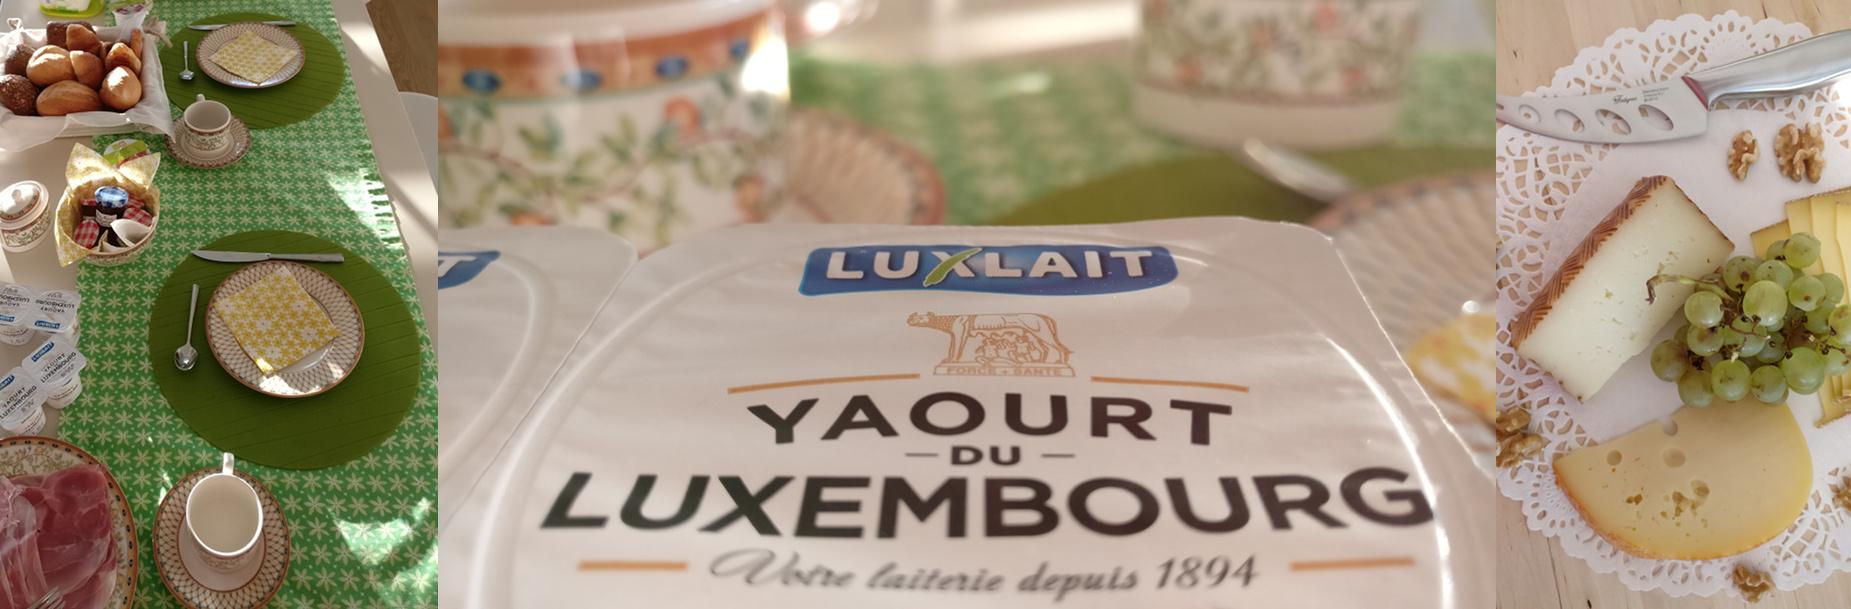 Luxemburger Frühstück